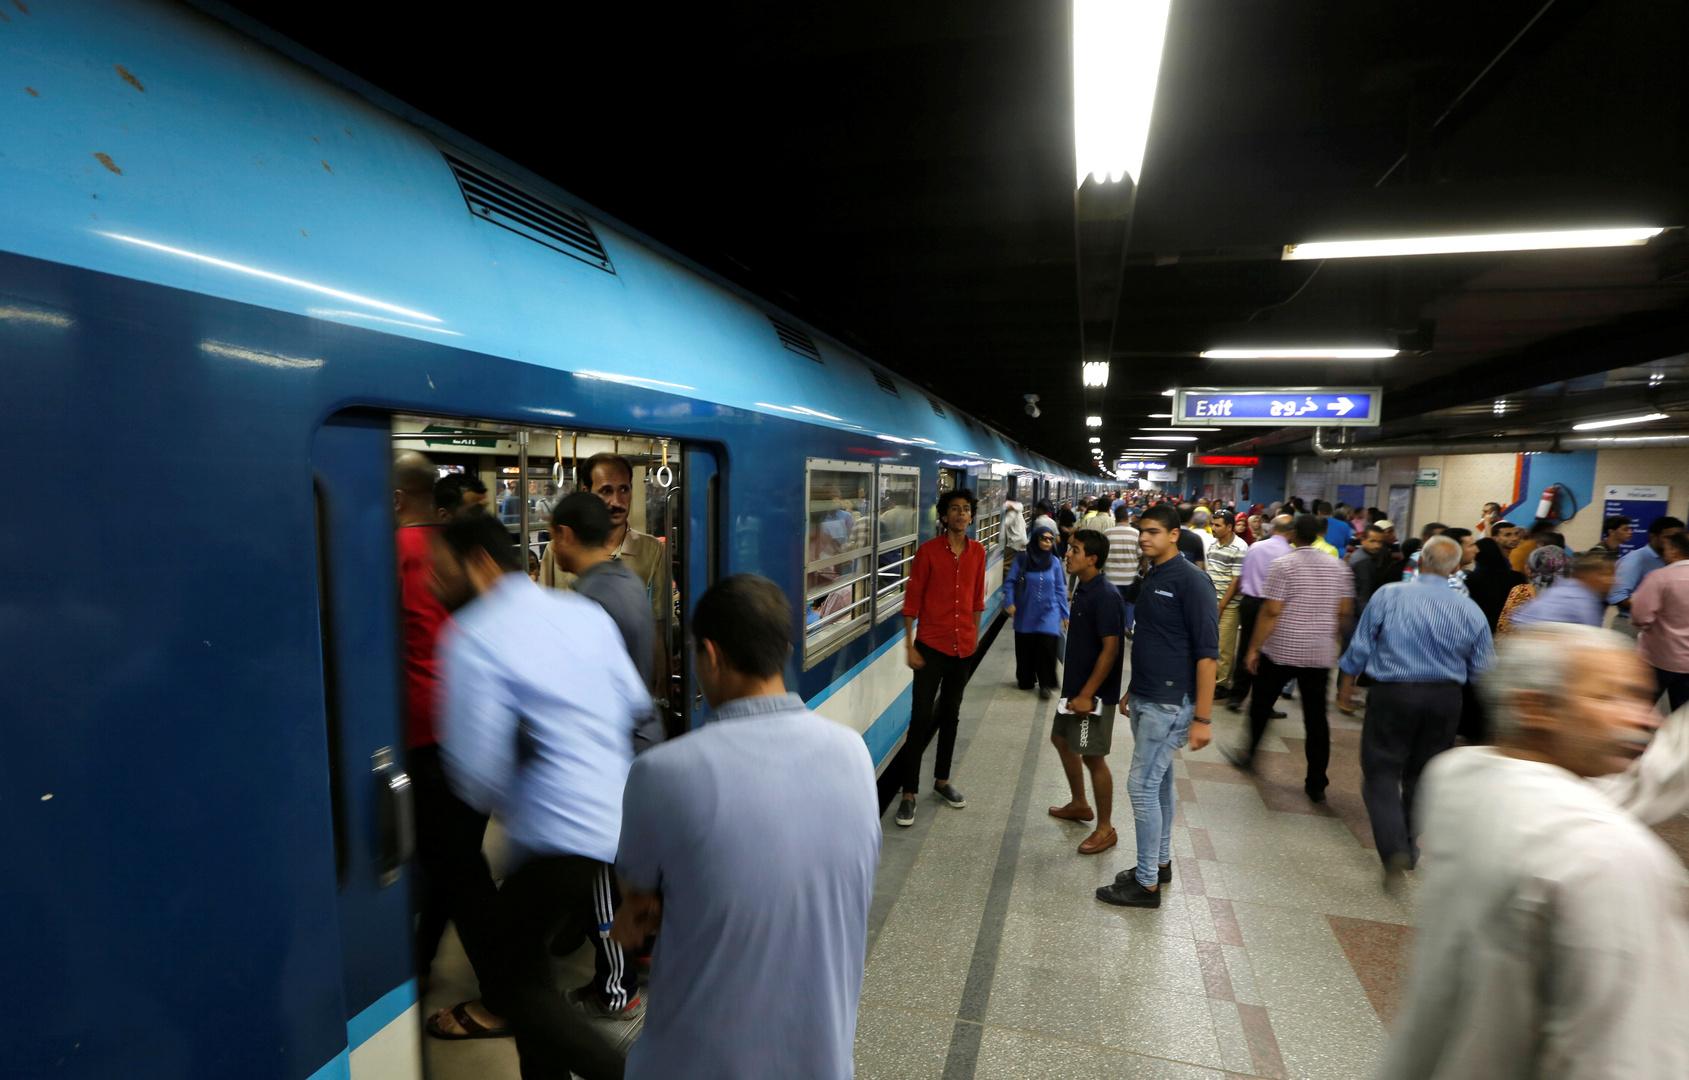 مصر تستقدم آلة نادرة لتصنيع القطارات وعربات المترو